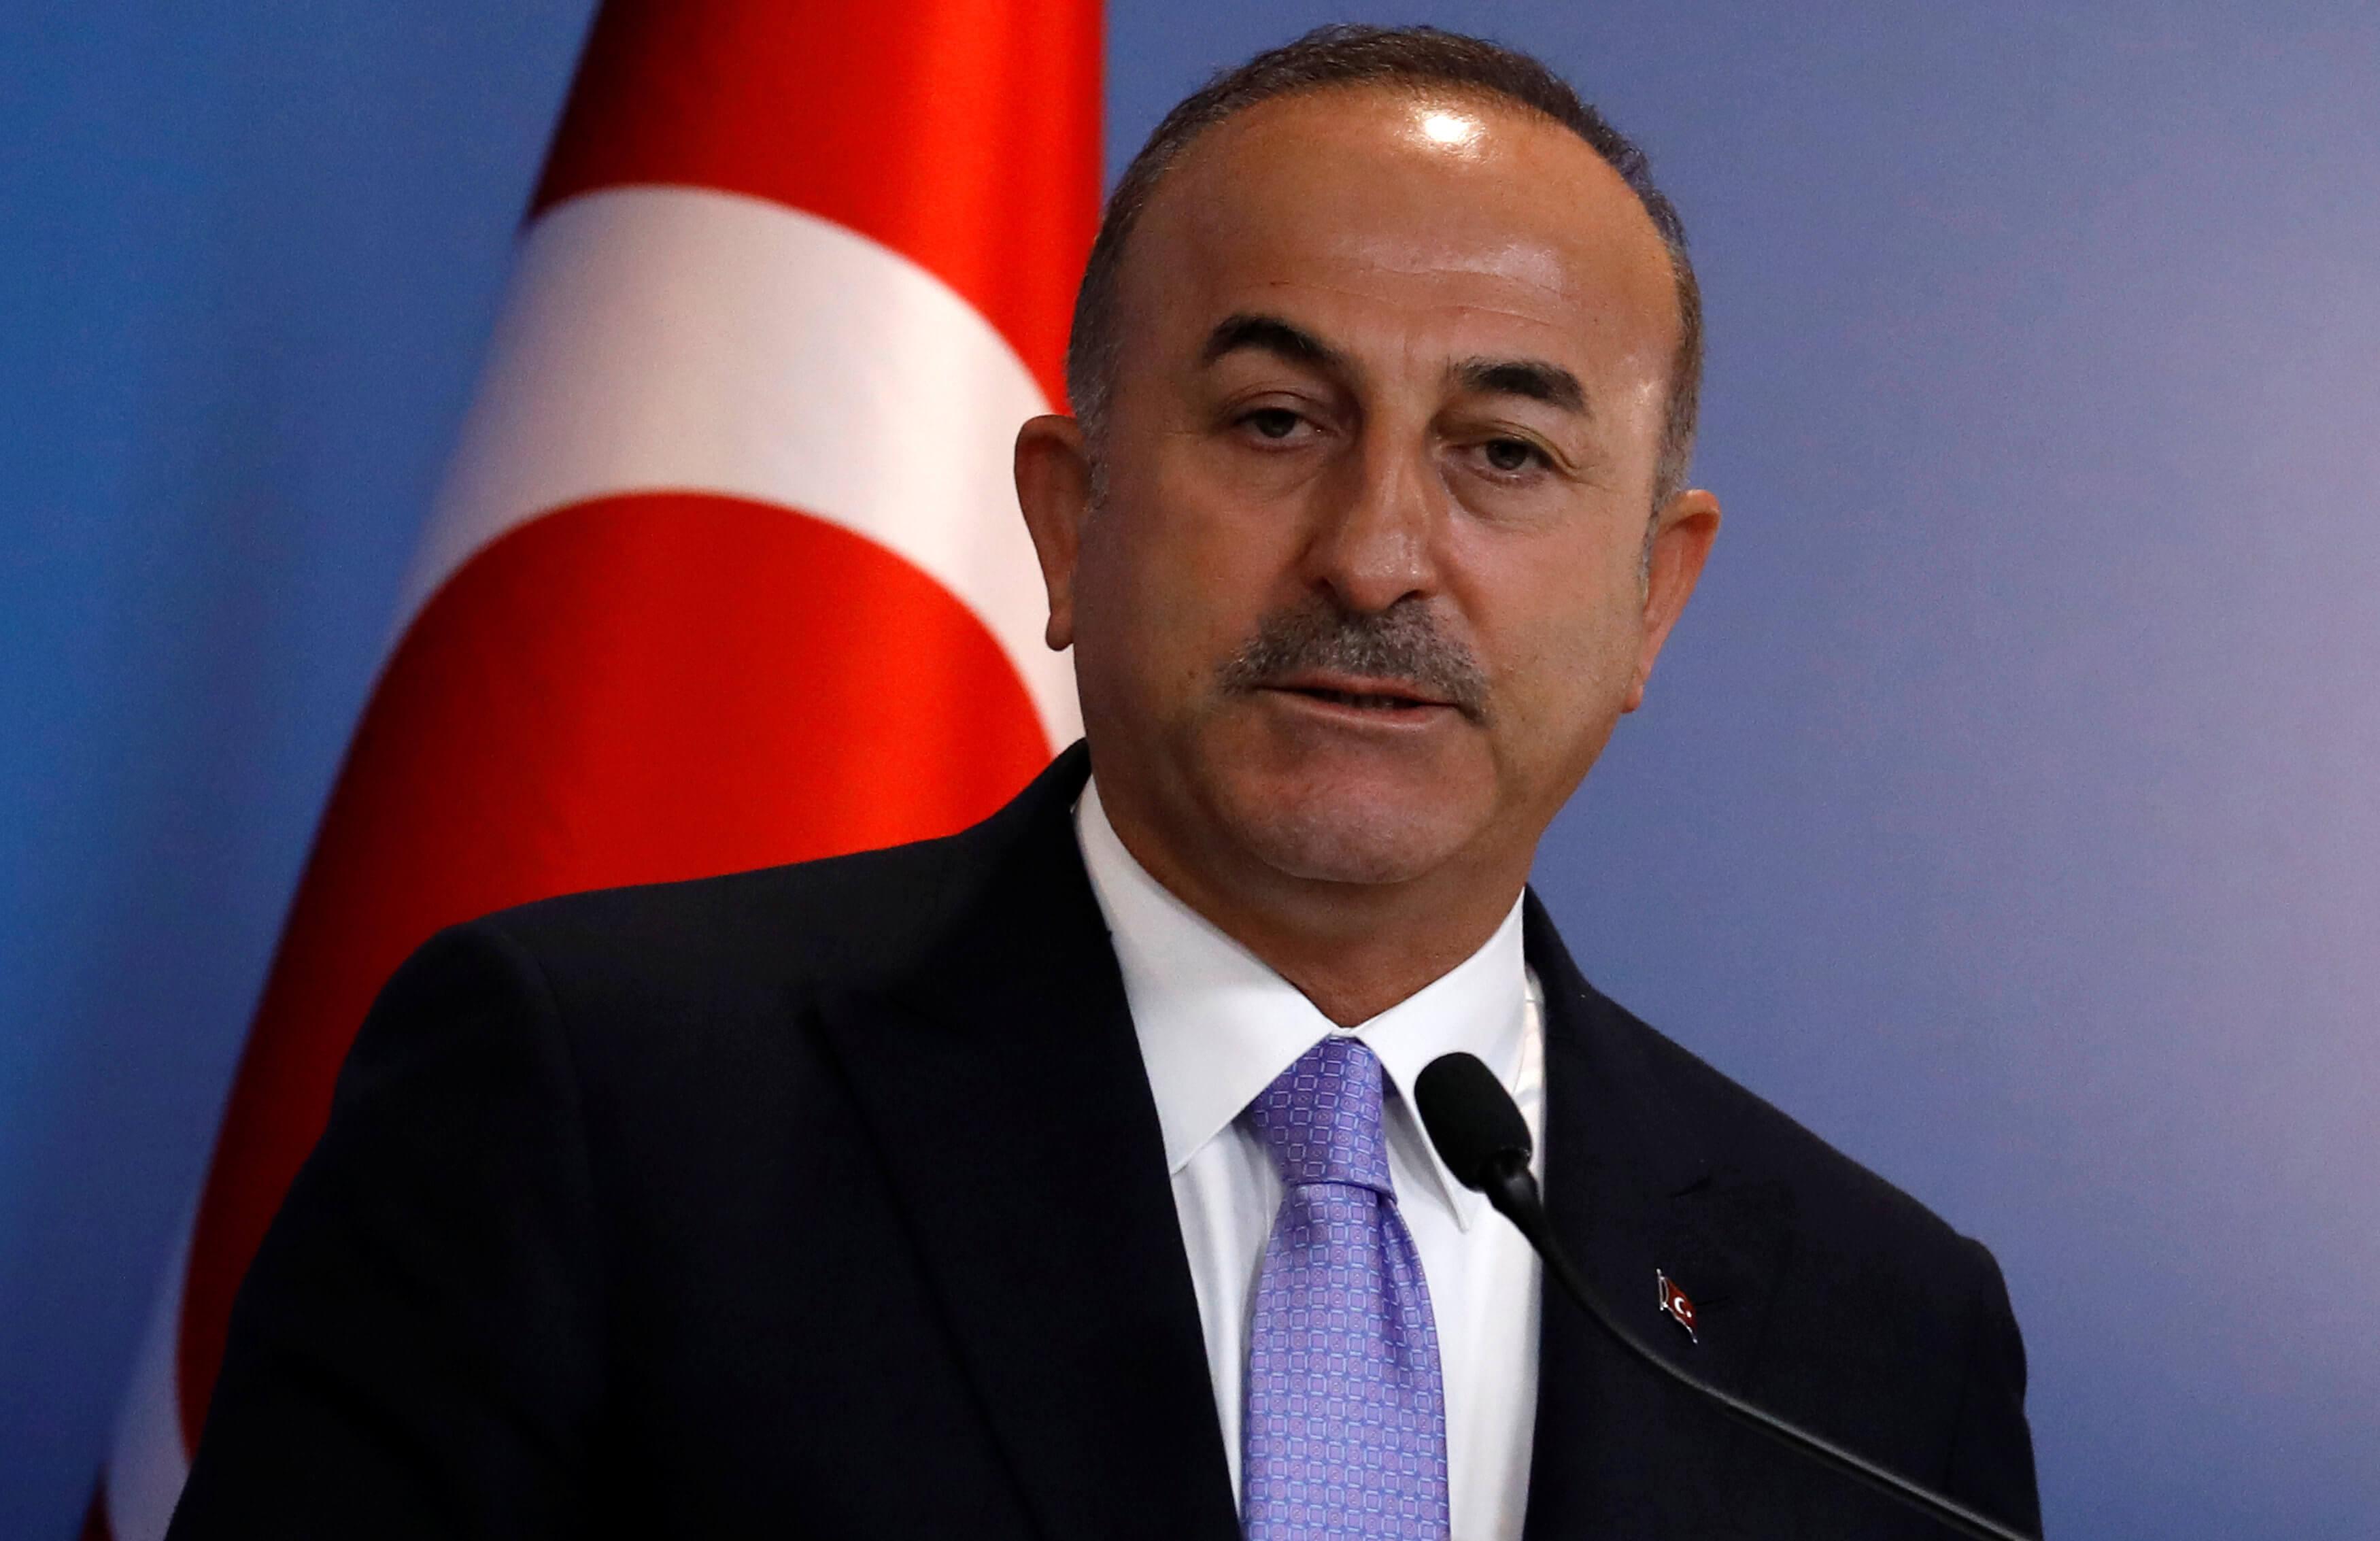 Τσαβούσογλου για Βιέννη: Ως χώρα που πλήττεται από τρομοκρατία, η Τουρκία καταδικάζει με δριμύτητα